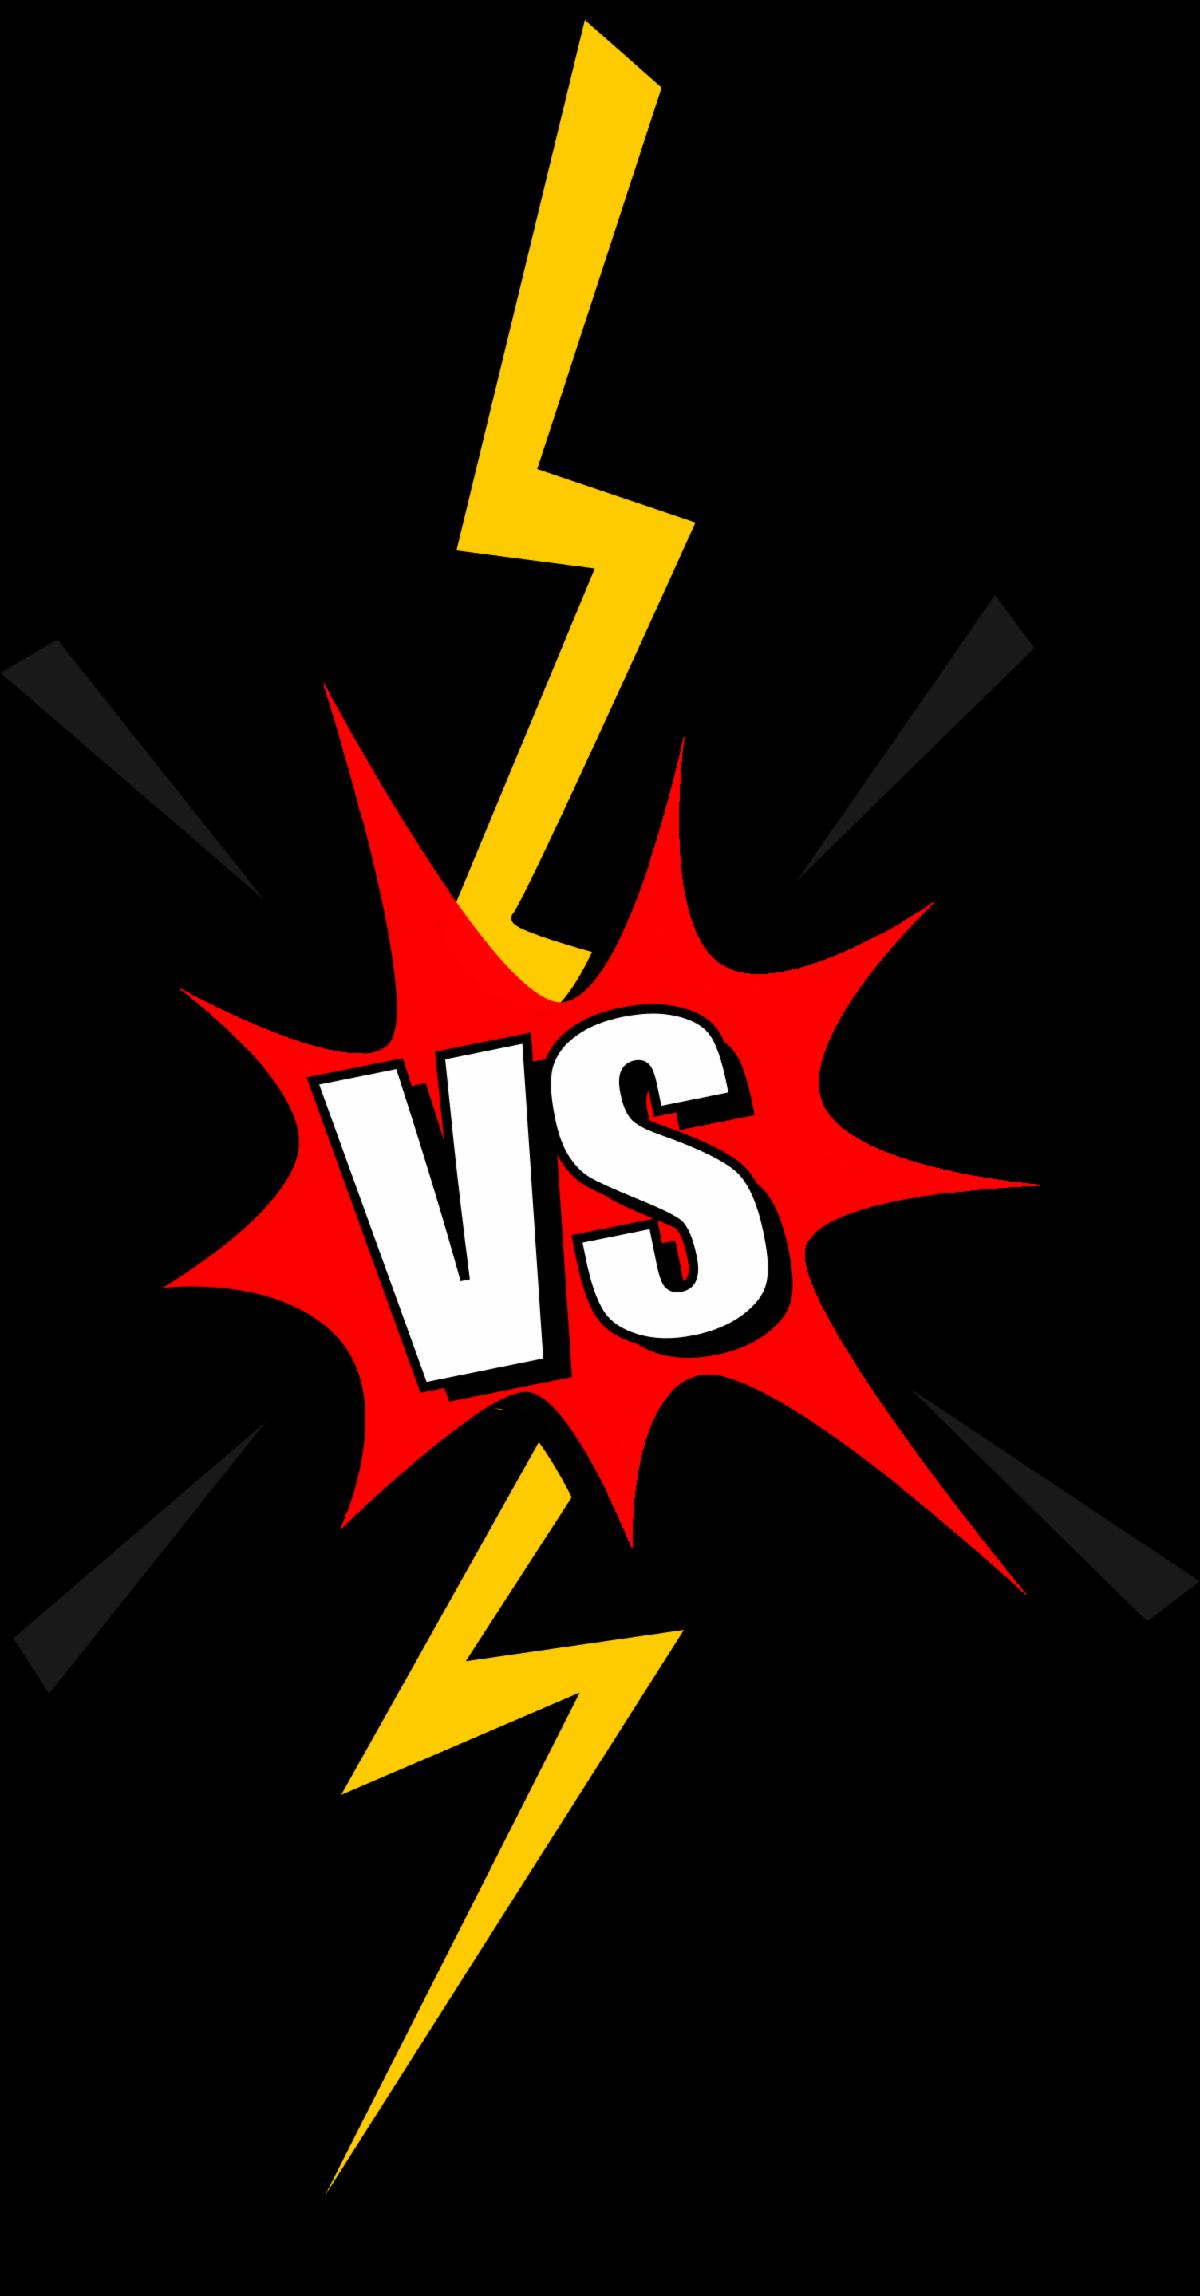 comic-vs-versus-1.png